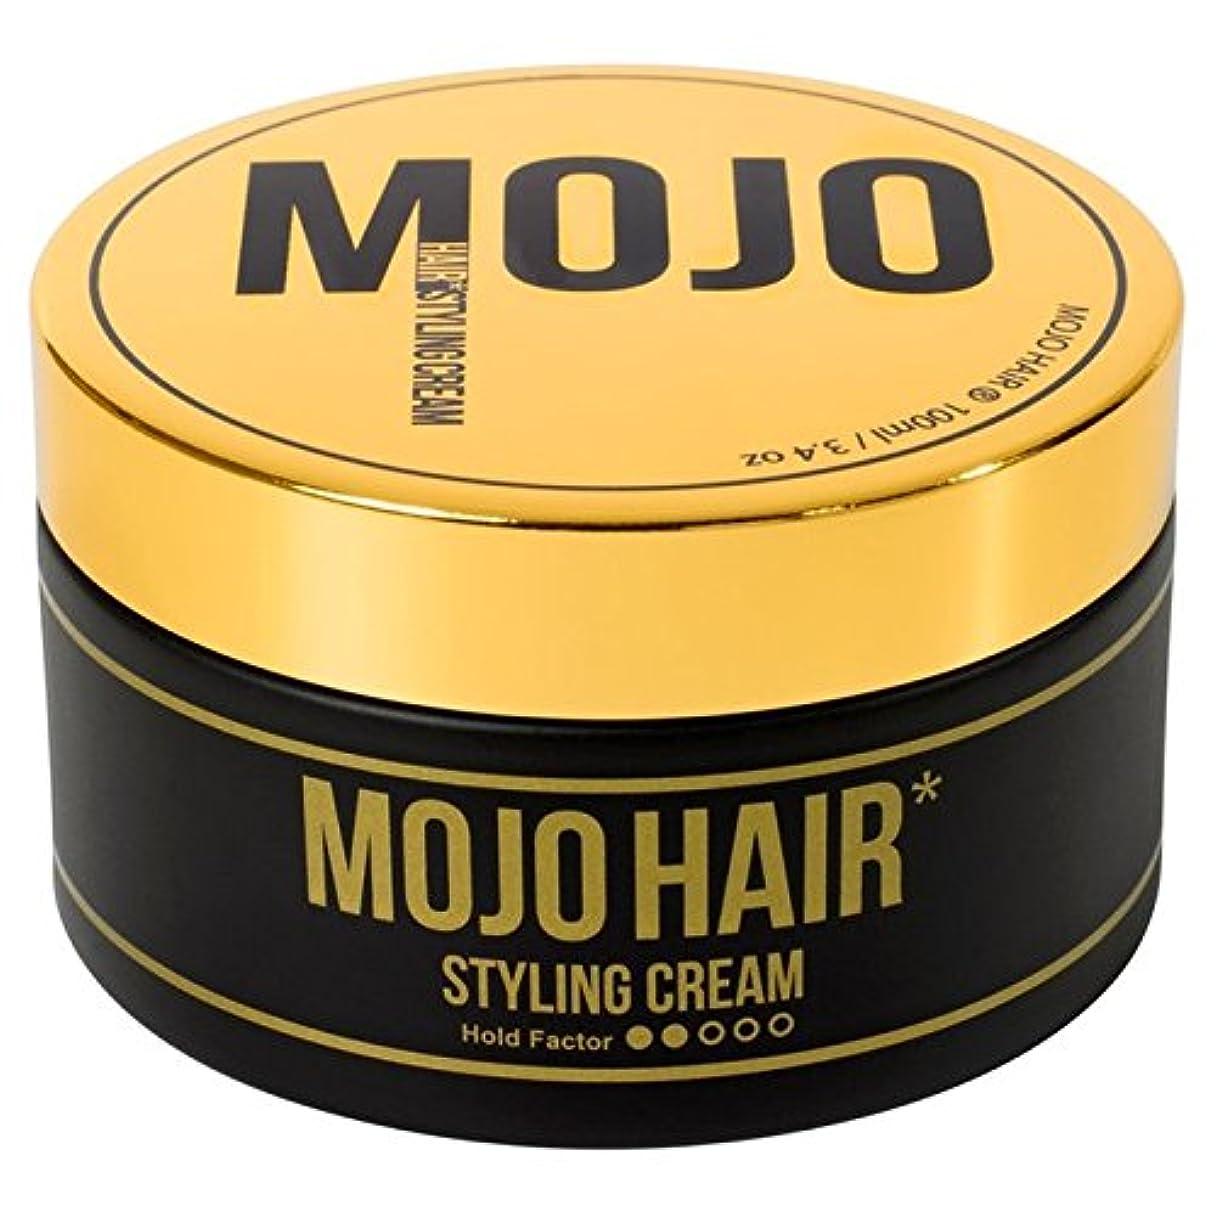 電気全国協力的100ミリリットル男性のためのモジョのヘアスタイリングクリーム x2 - MOJO HAIR Styling Cream for Men 100ml (Pack of 2) [並行輸入品]